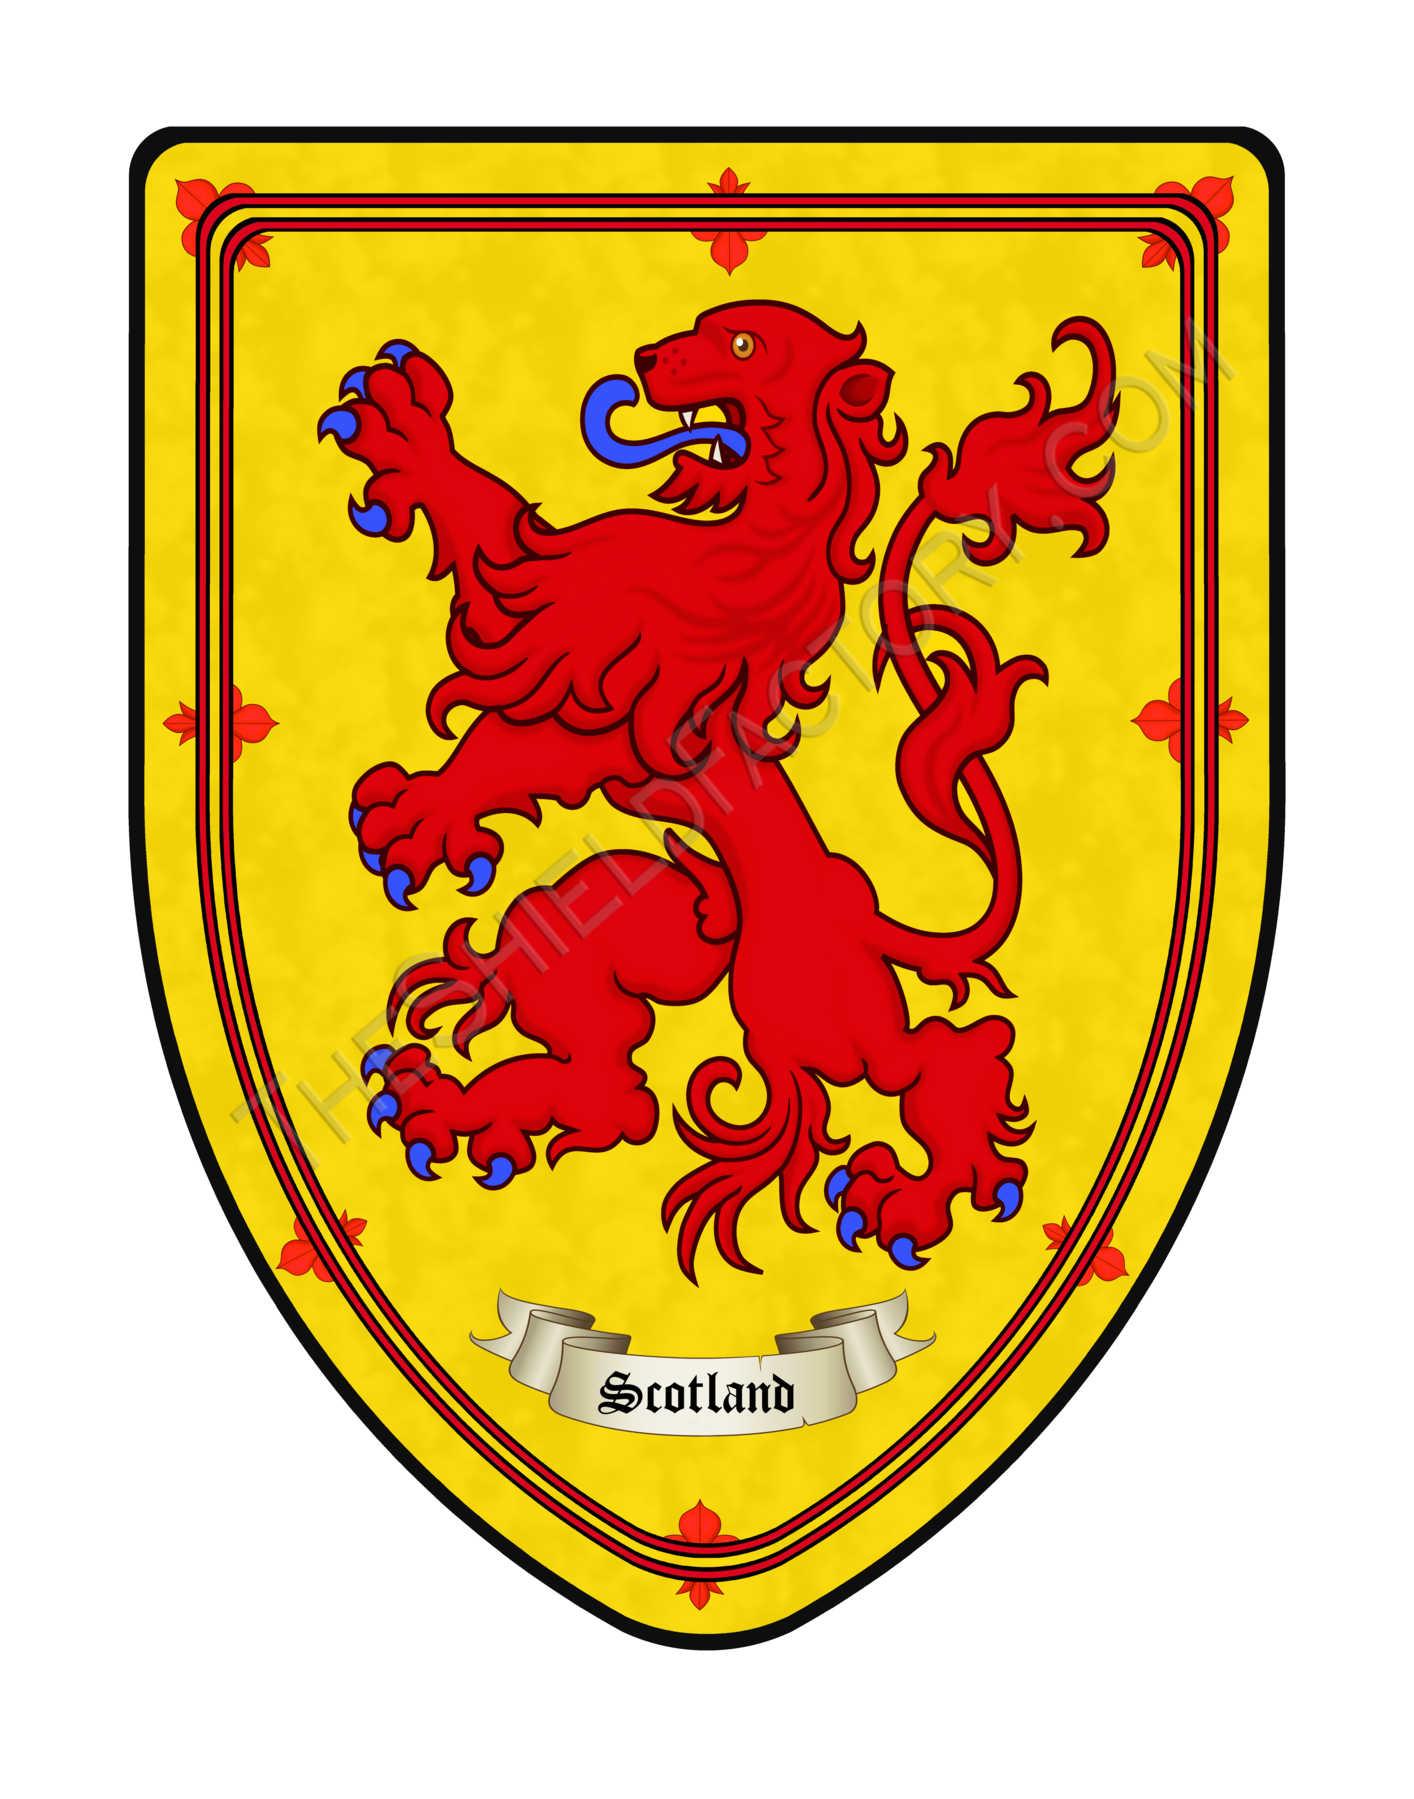 Картинки герба и флага в шотландии